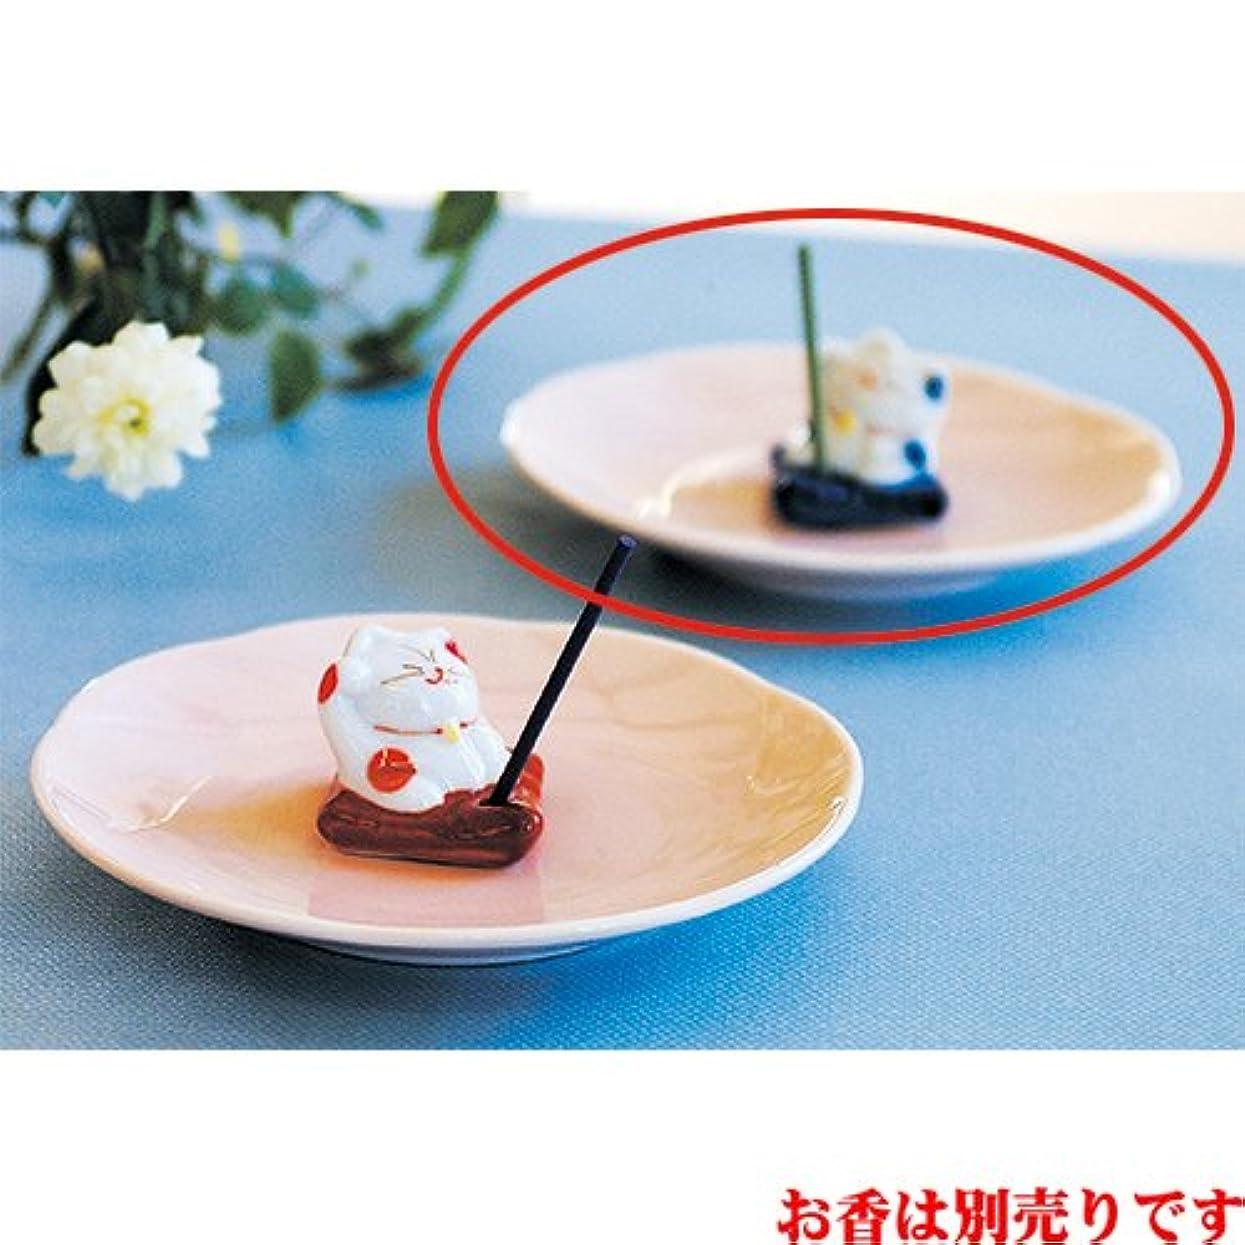 教師の日マウント引き出す香皿 ザブトンネコ 香皿 ブルー [R12.5xH4cm] プレゼント ギフト 和食器 かわいい インテリア